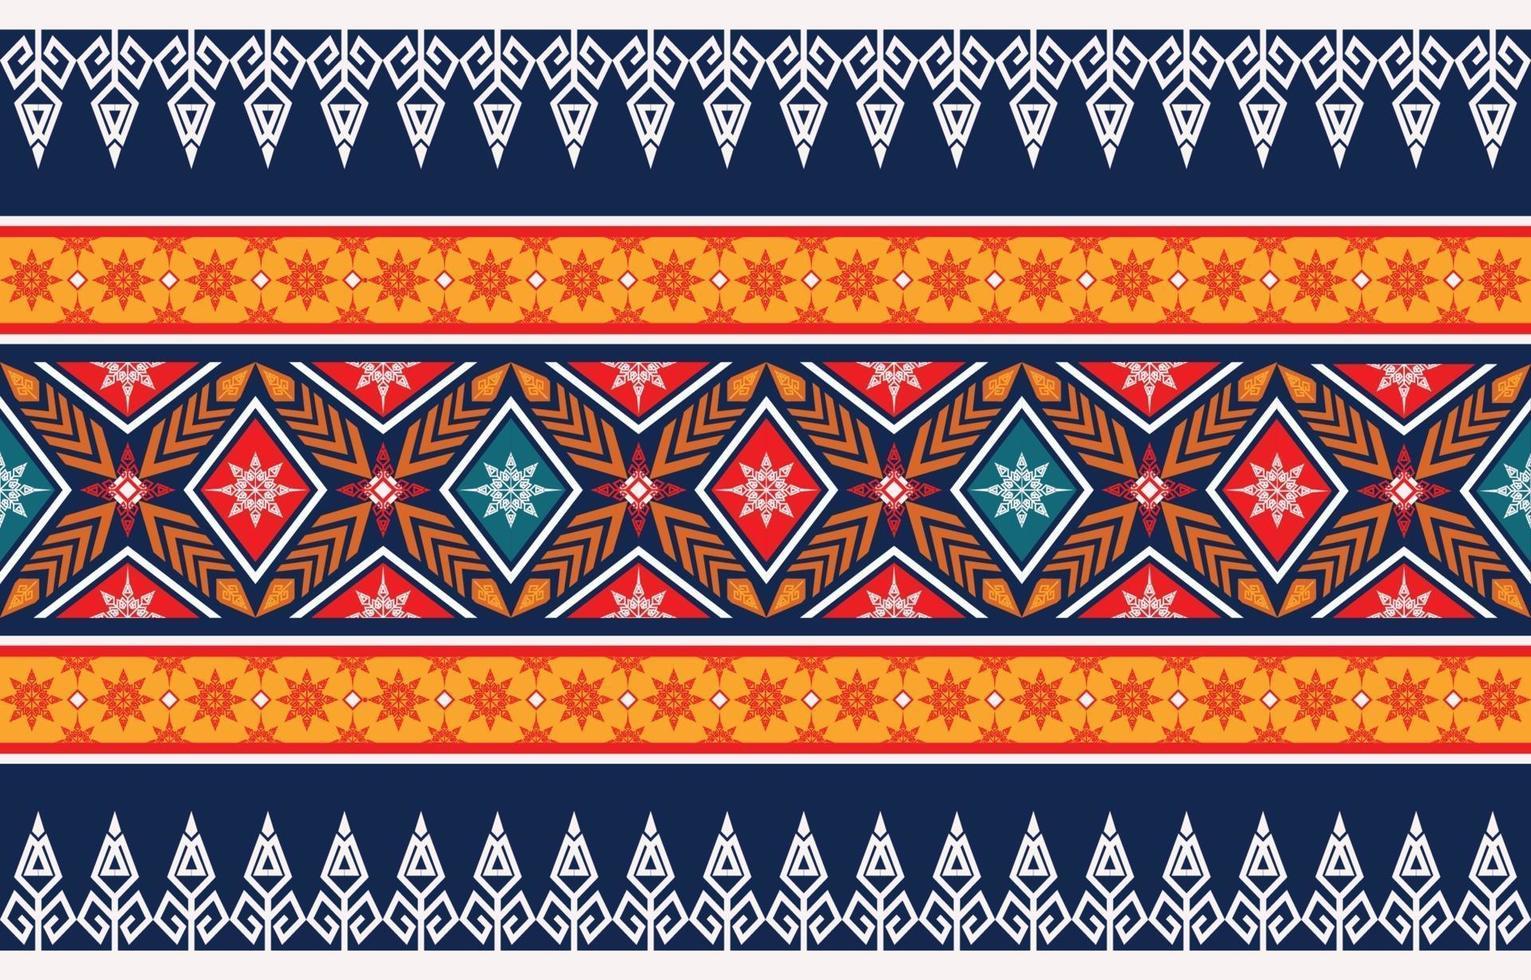 conception de motif géométrique ethnique abstrait pour le fond vecteur